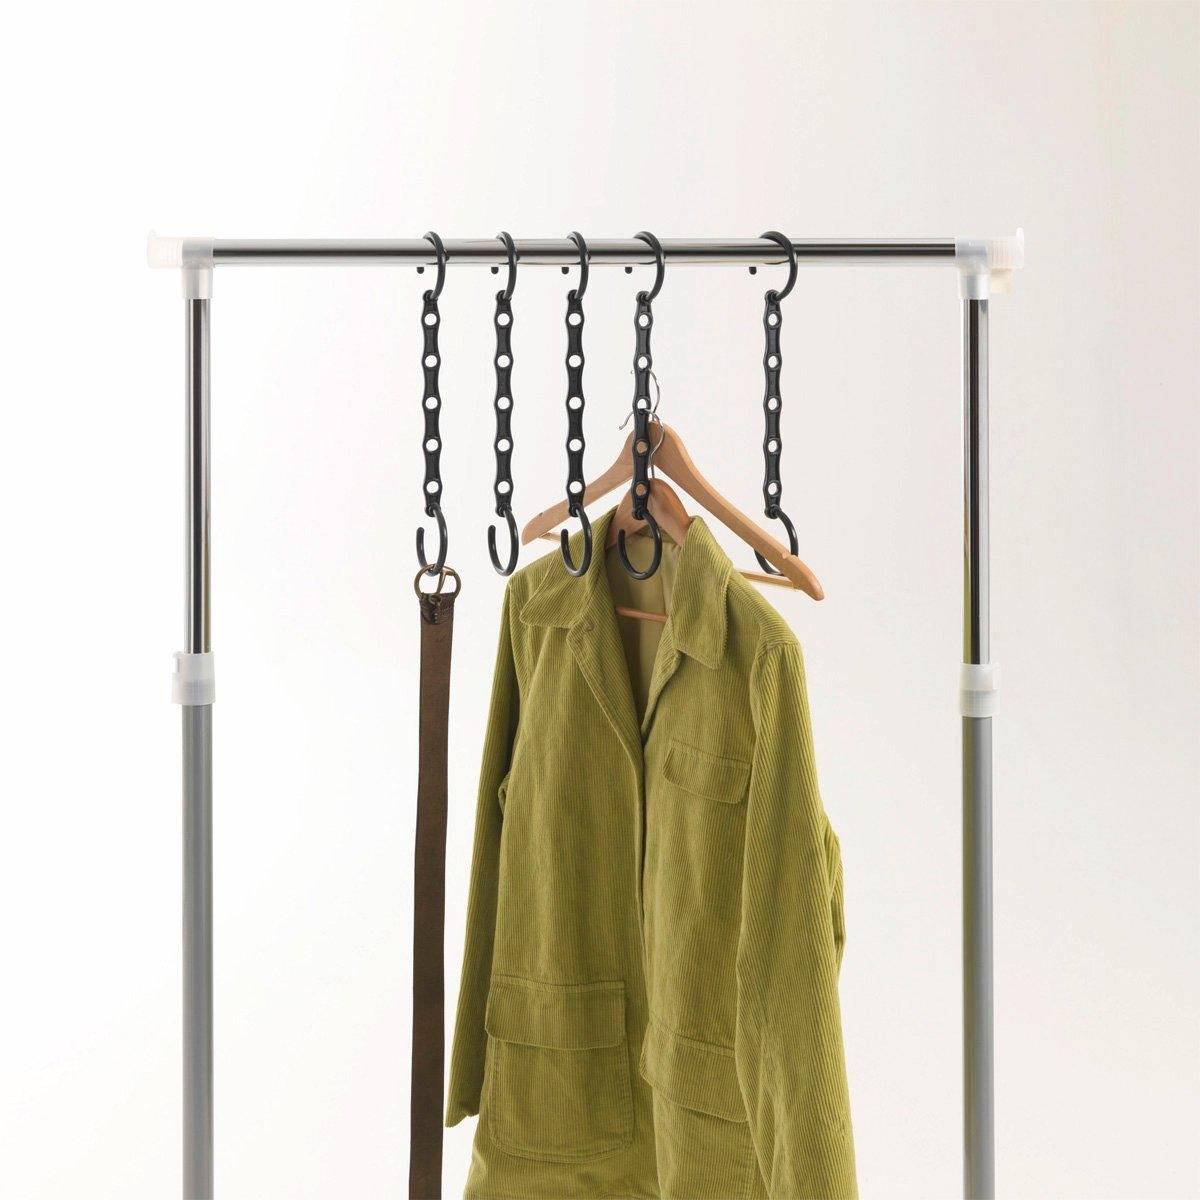 5 крючков для вешалокСэкономьте до 40% полезного пространства в шкафу! Из пластика. На каждый крючок можно подвесить до 5 плечиков.<br><br>Цвет: черный<br>Размер: единый размер